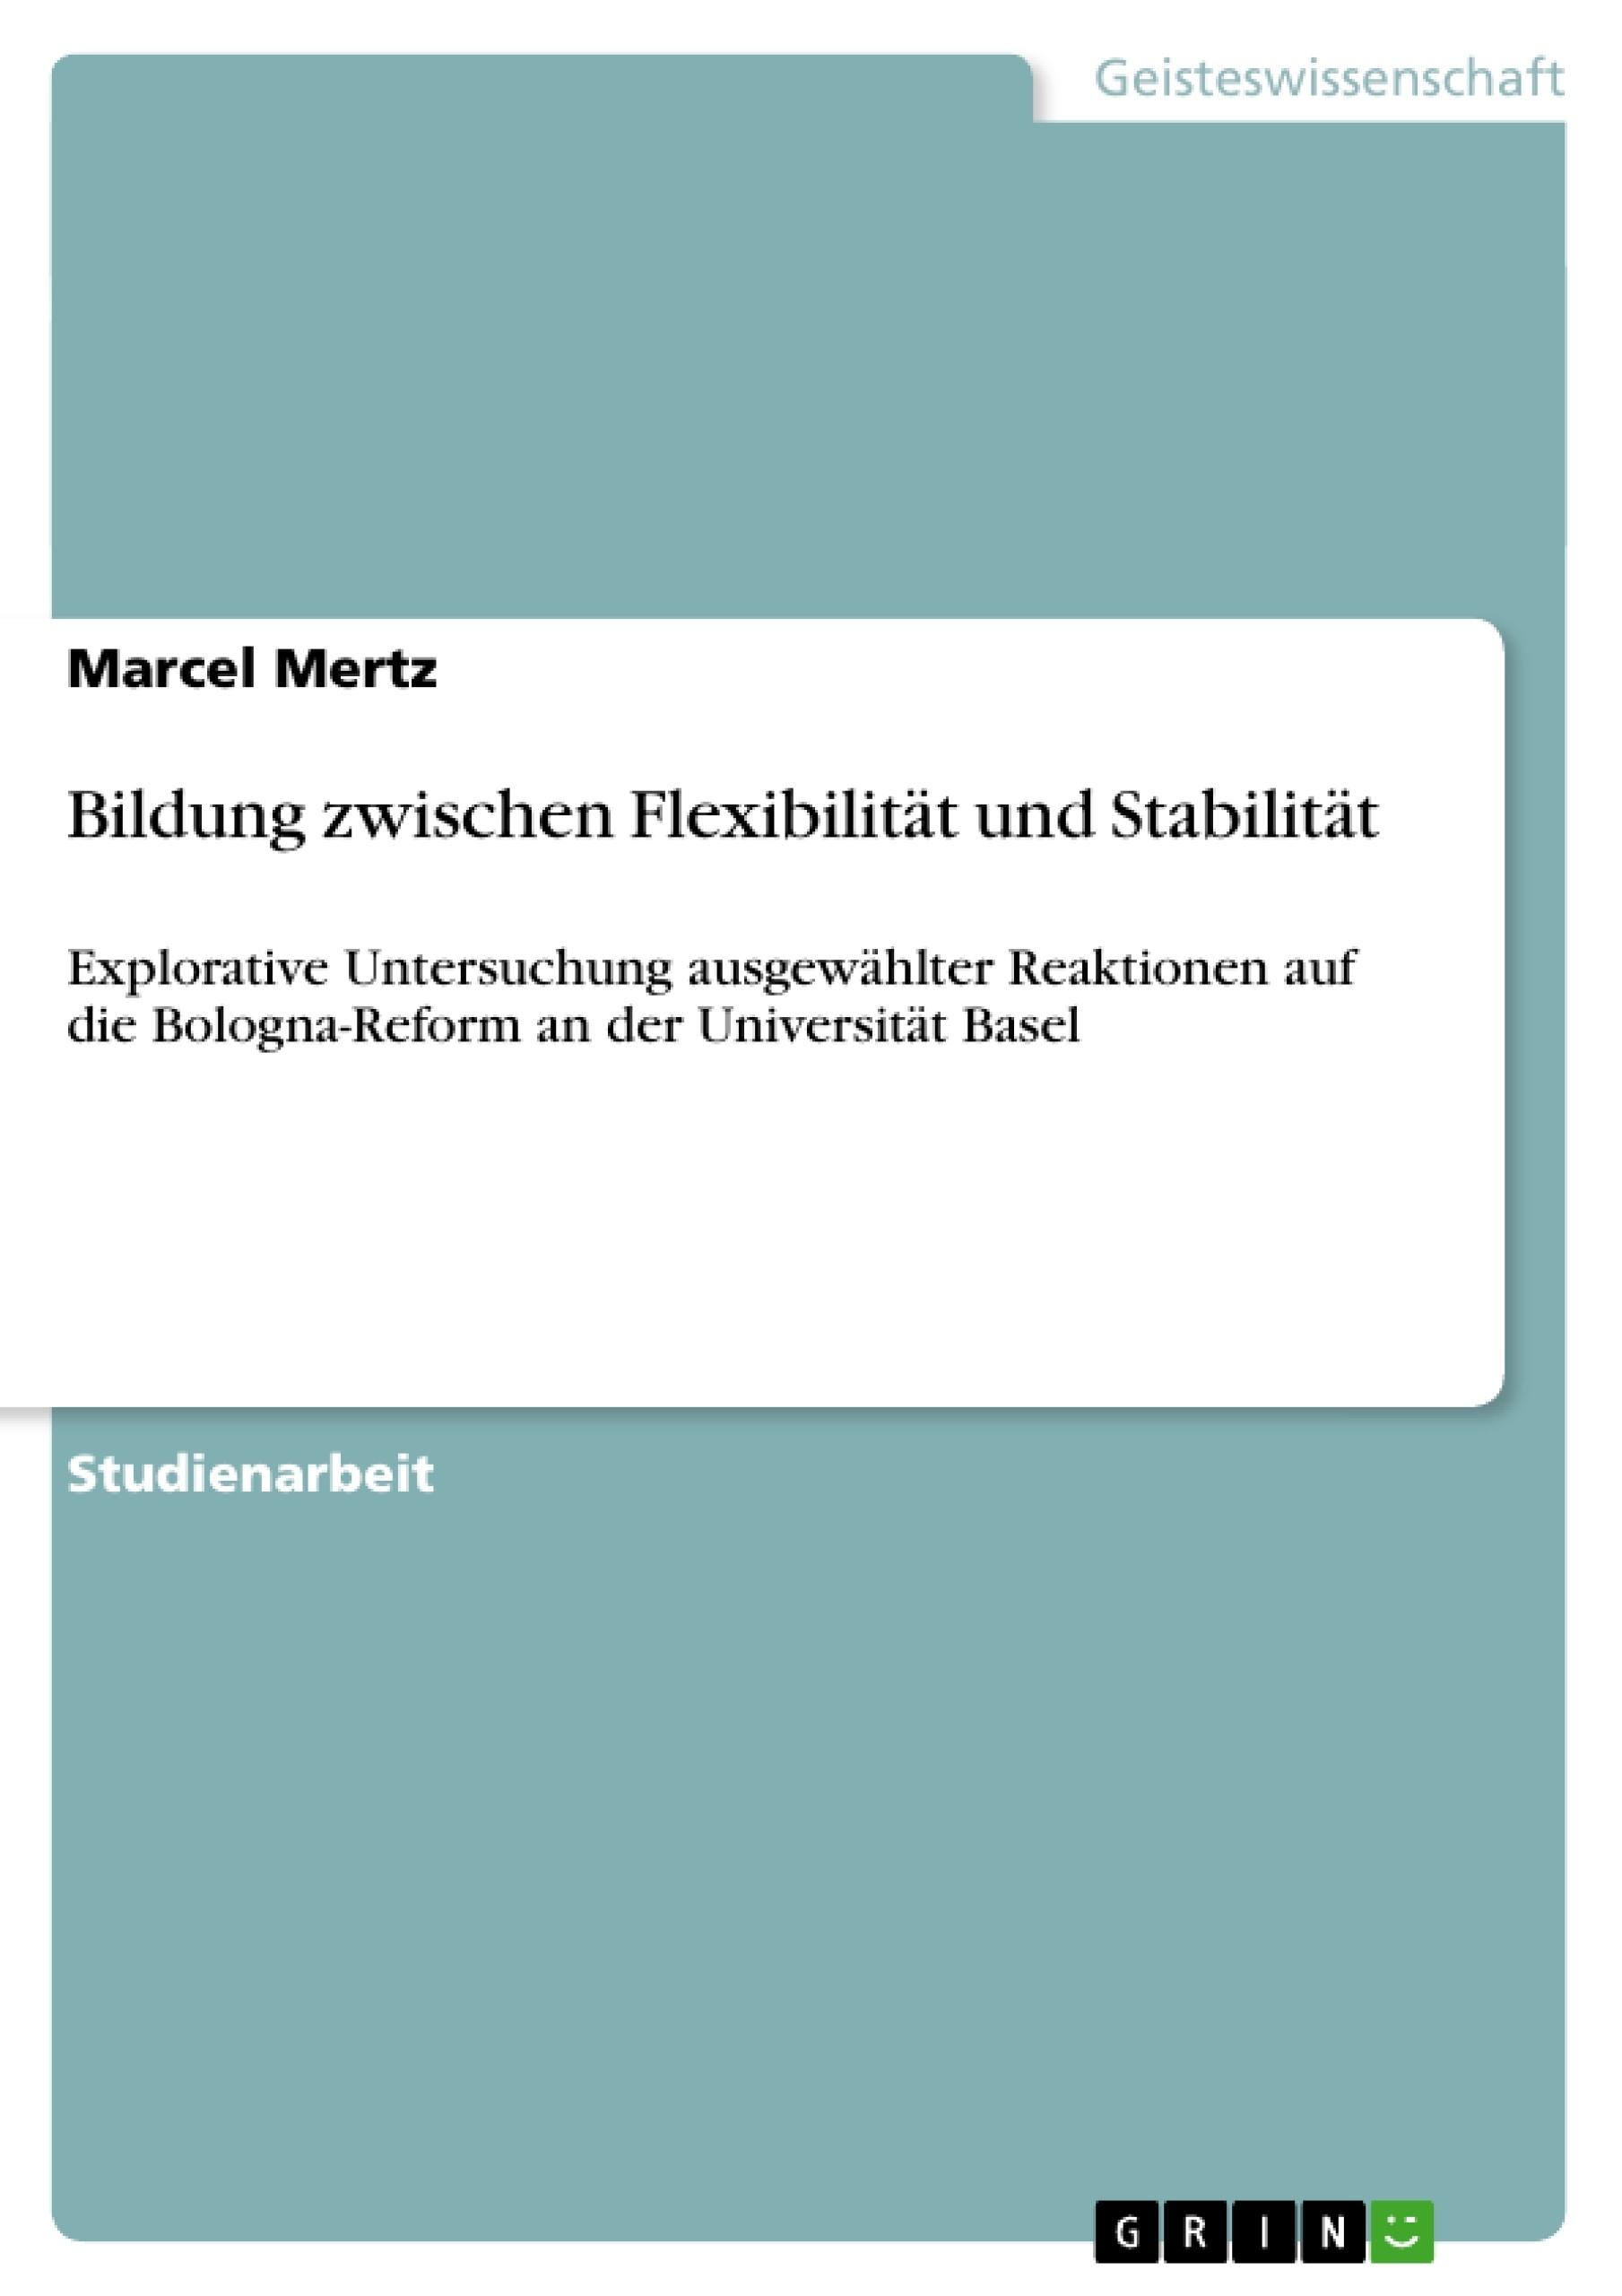 Titel: Bildung zwischen Flexibilität und Stabilität